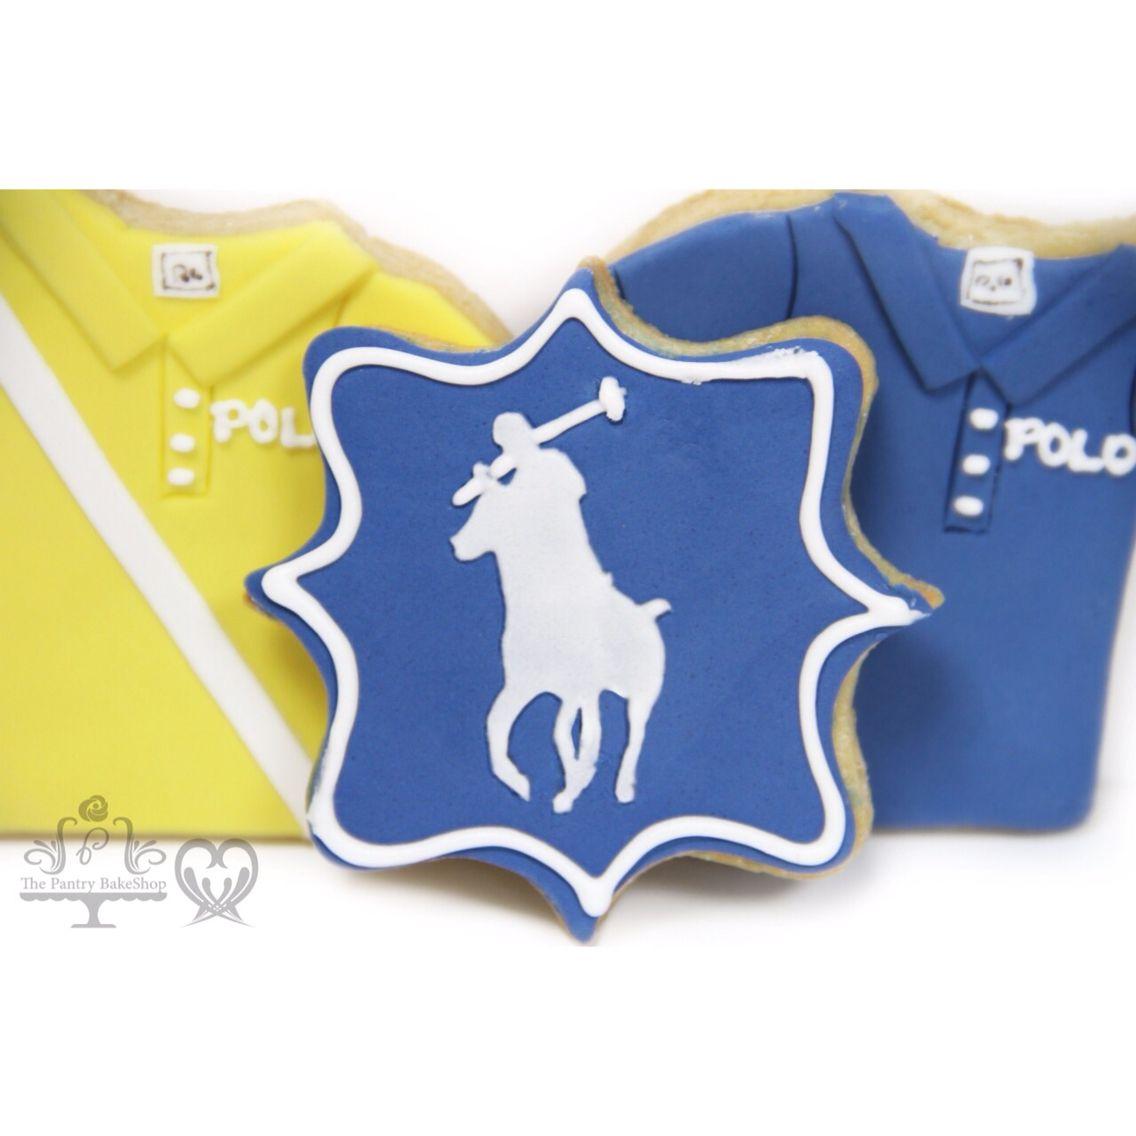 Polo Buttons Polo Pins Polo Party Polo Baby Shower